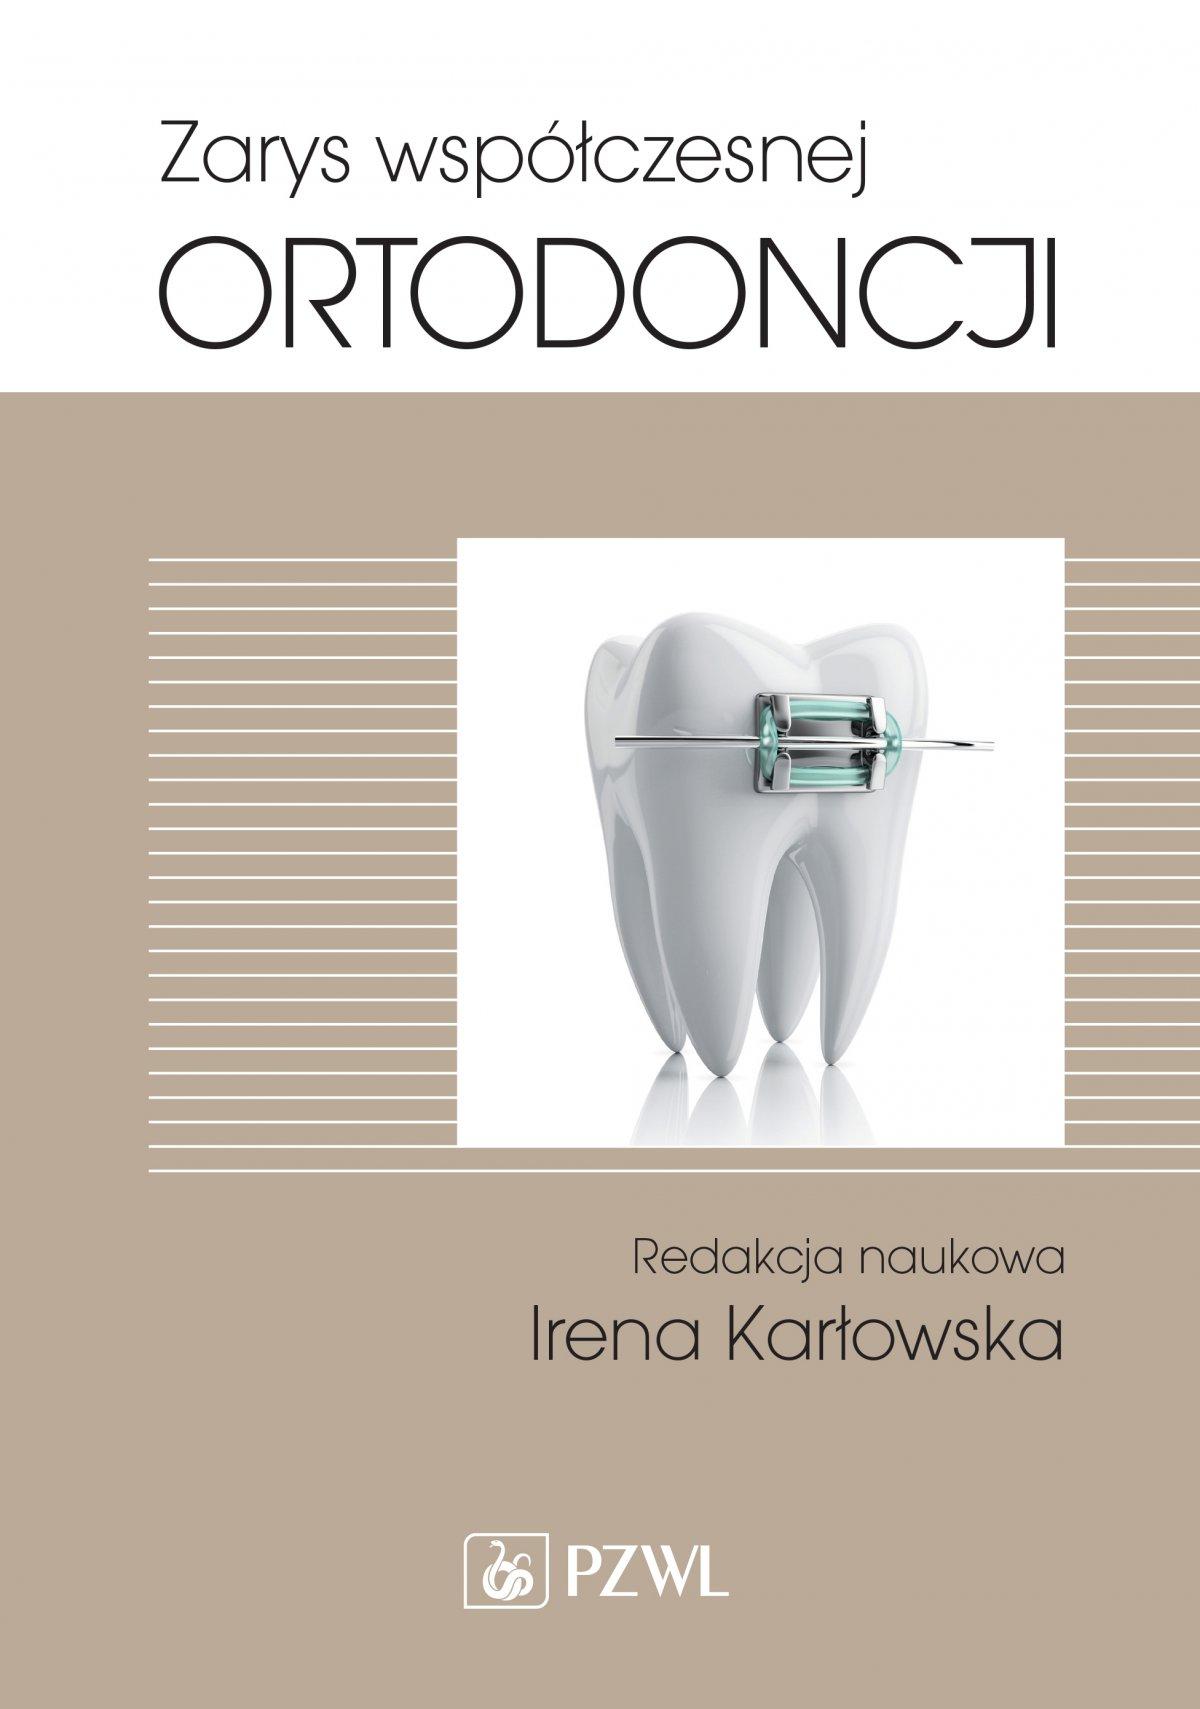 Zarys współczesnej ortodoncji - Ebook (Książka na Kindle) do pobrania w formacie MOBI